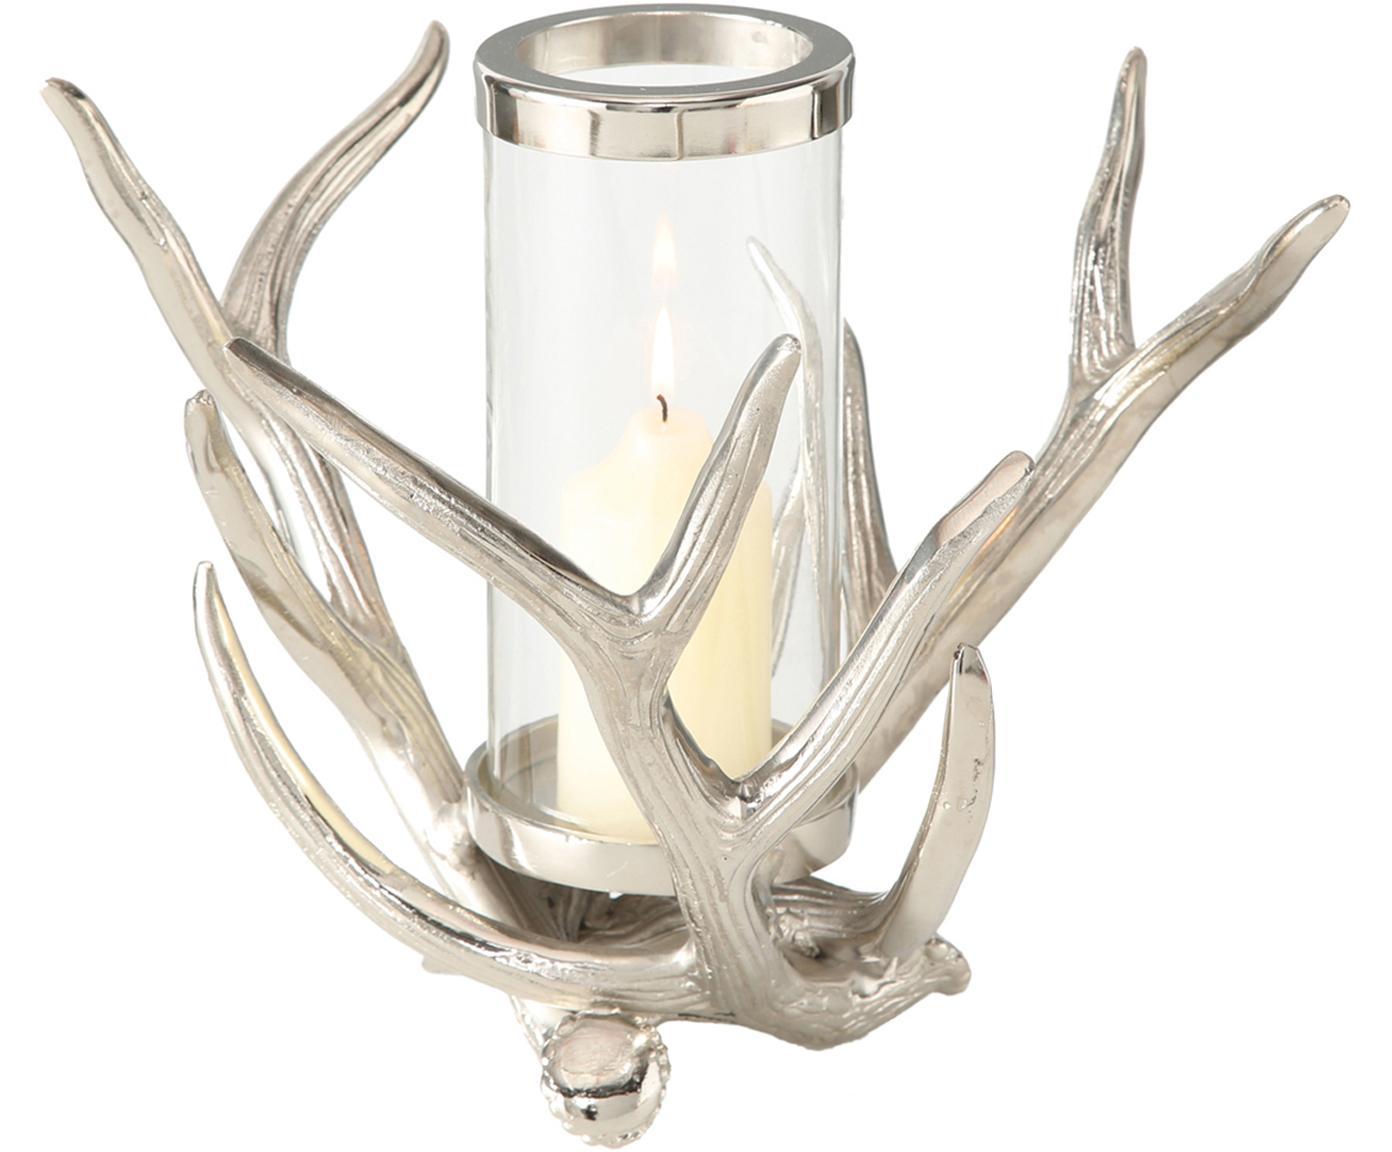 Windlichten Antlers, 2 stuks, Windlicht: aluminium, Transparant, aluminiumkleurig, 33 x 25 cm